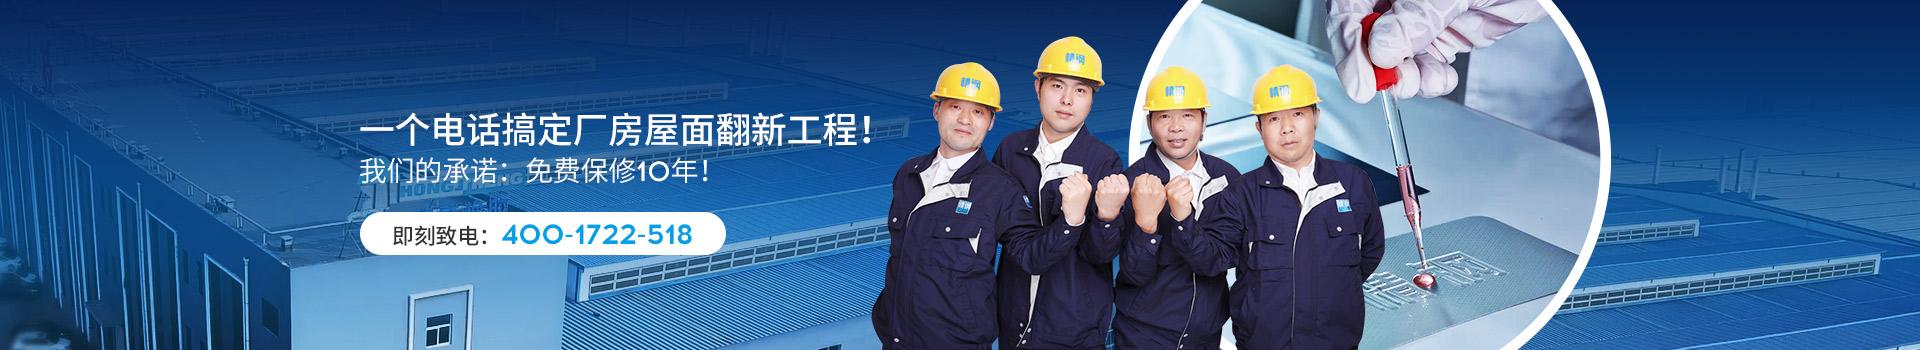 精钢-承接厂房屋面翻新工程施工服务